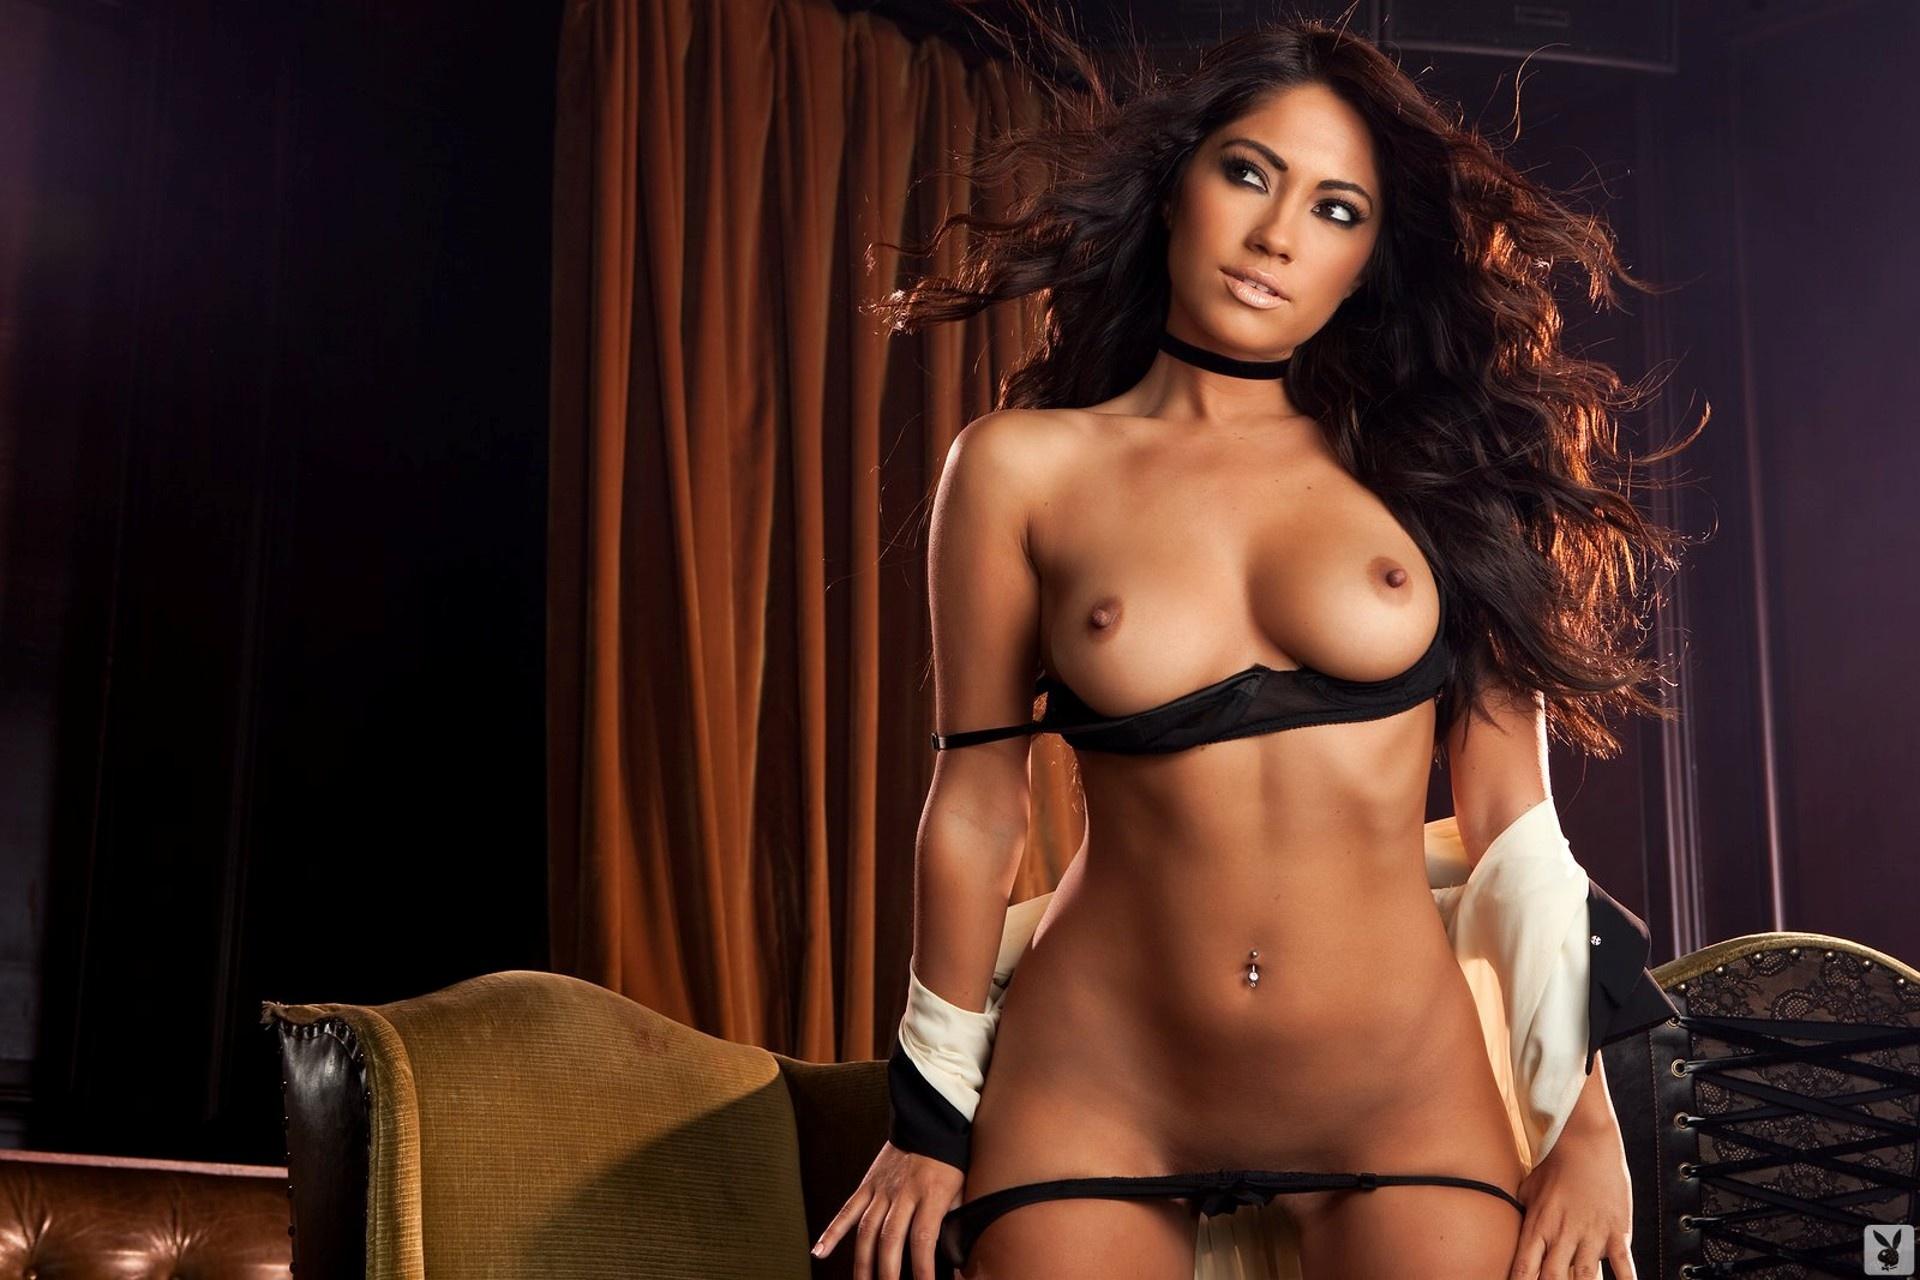 Фото сесия моделей порно 5 фотография